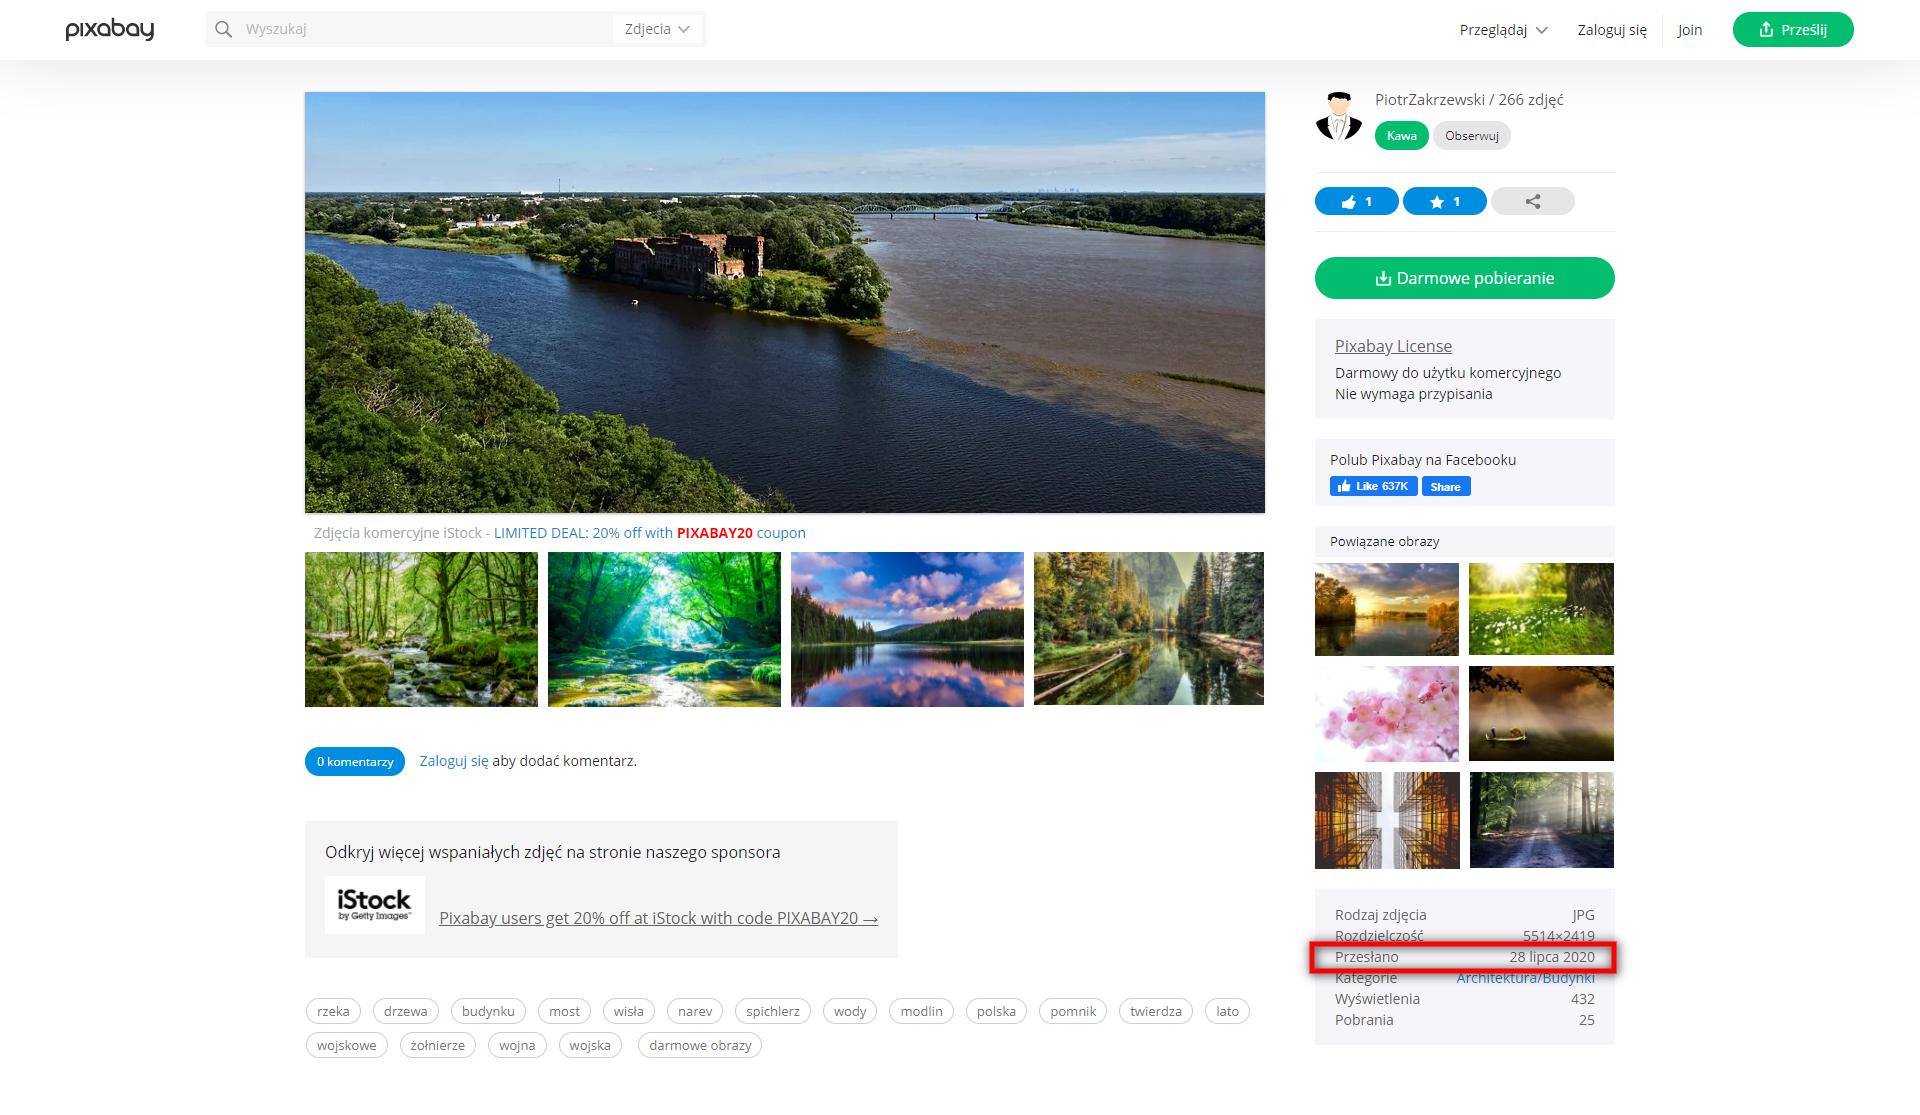 Strona pixabay.com ze zdjęciem wykonanym w lipcu 2020 roku